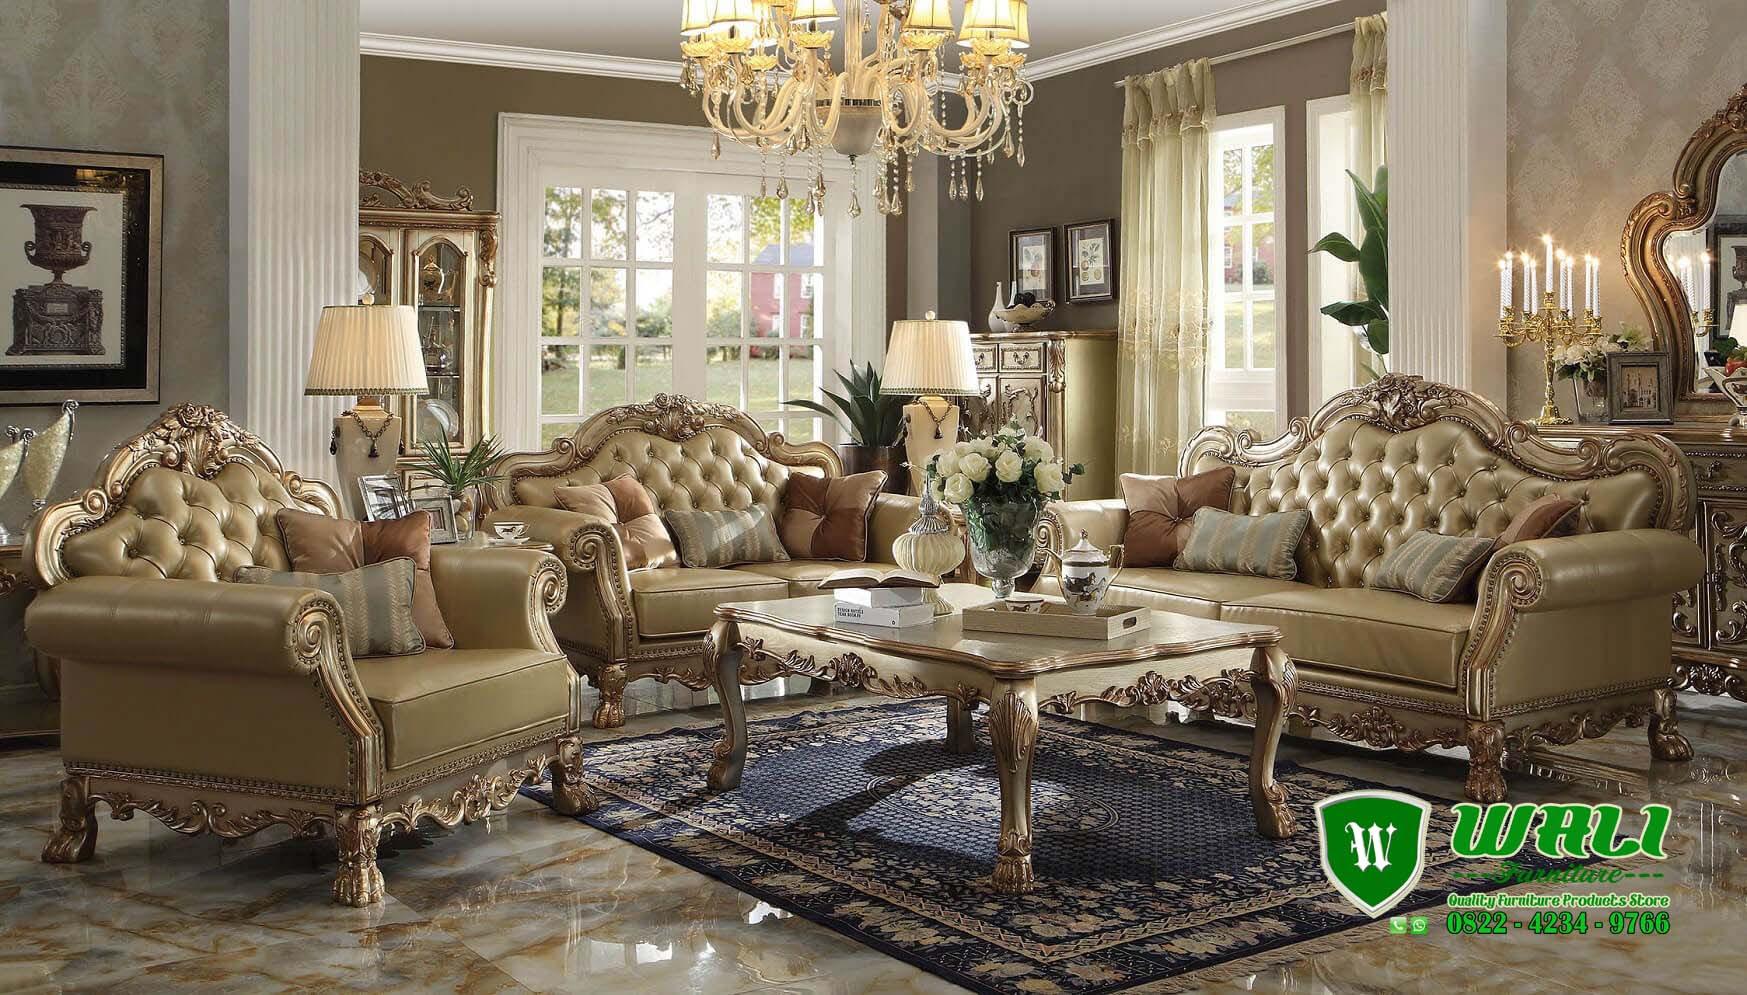 Sofa Tamu Mewah Klasik Terbaru Ukir Mebel Jepara Wali Furniture